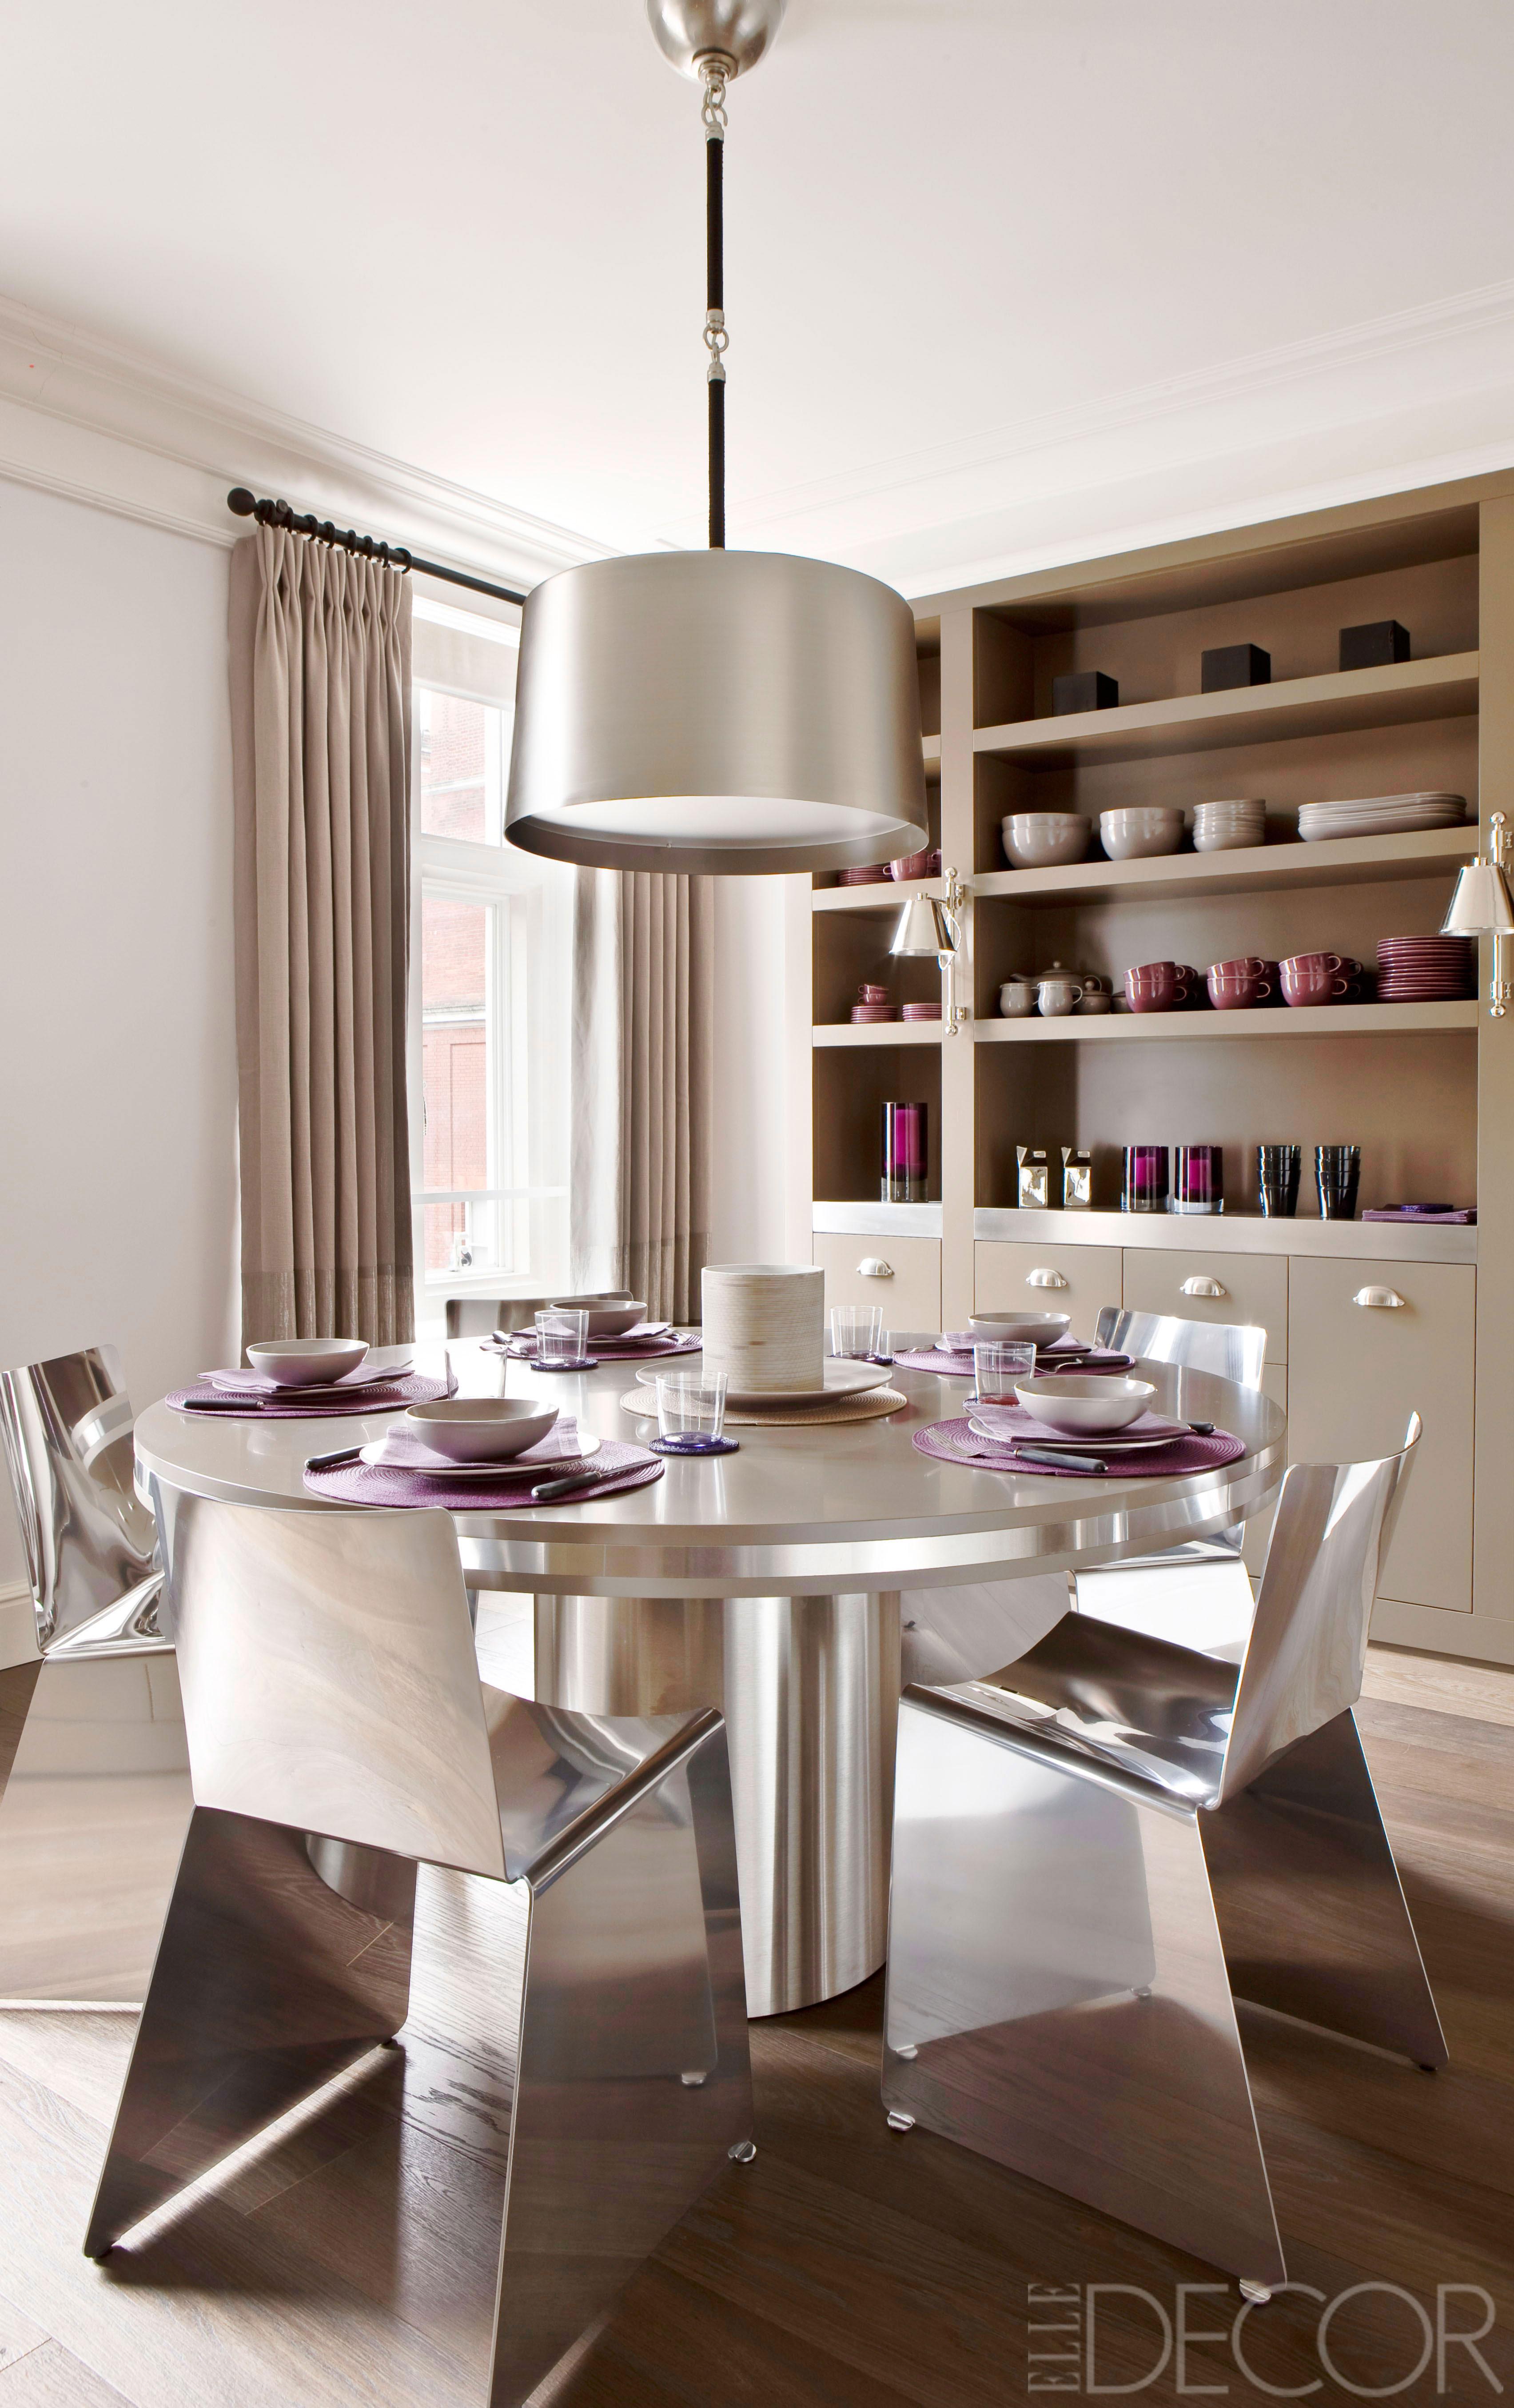 8 breakfast nooks kitchen table settings - Les plus belles chaises design ...